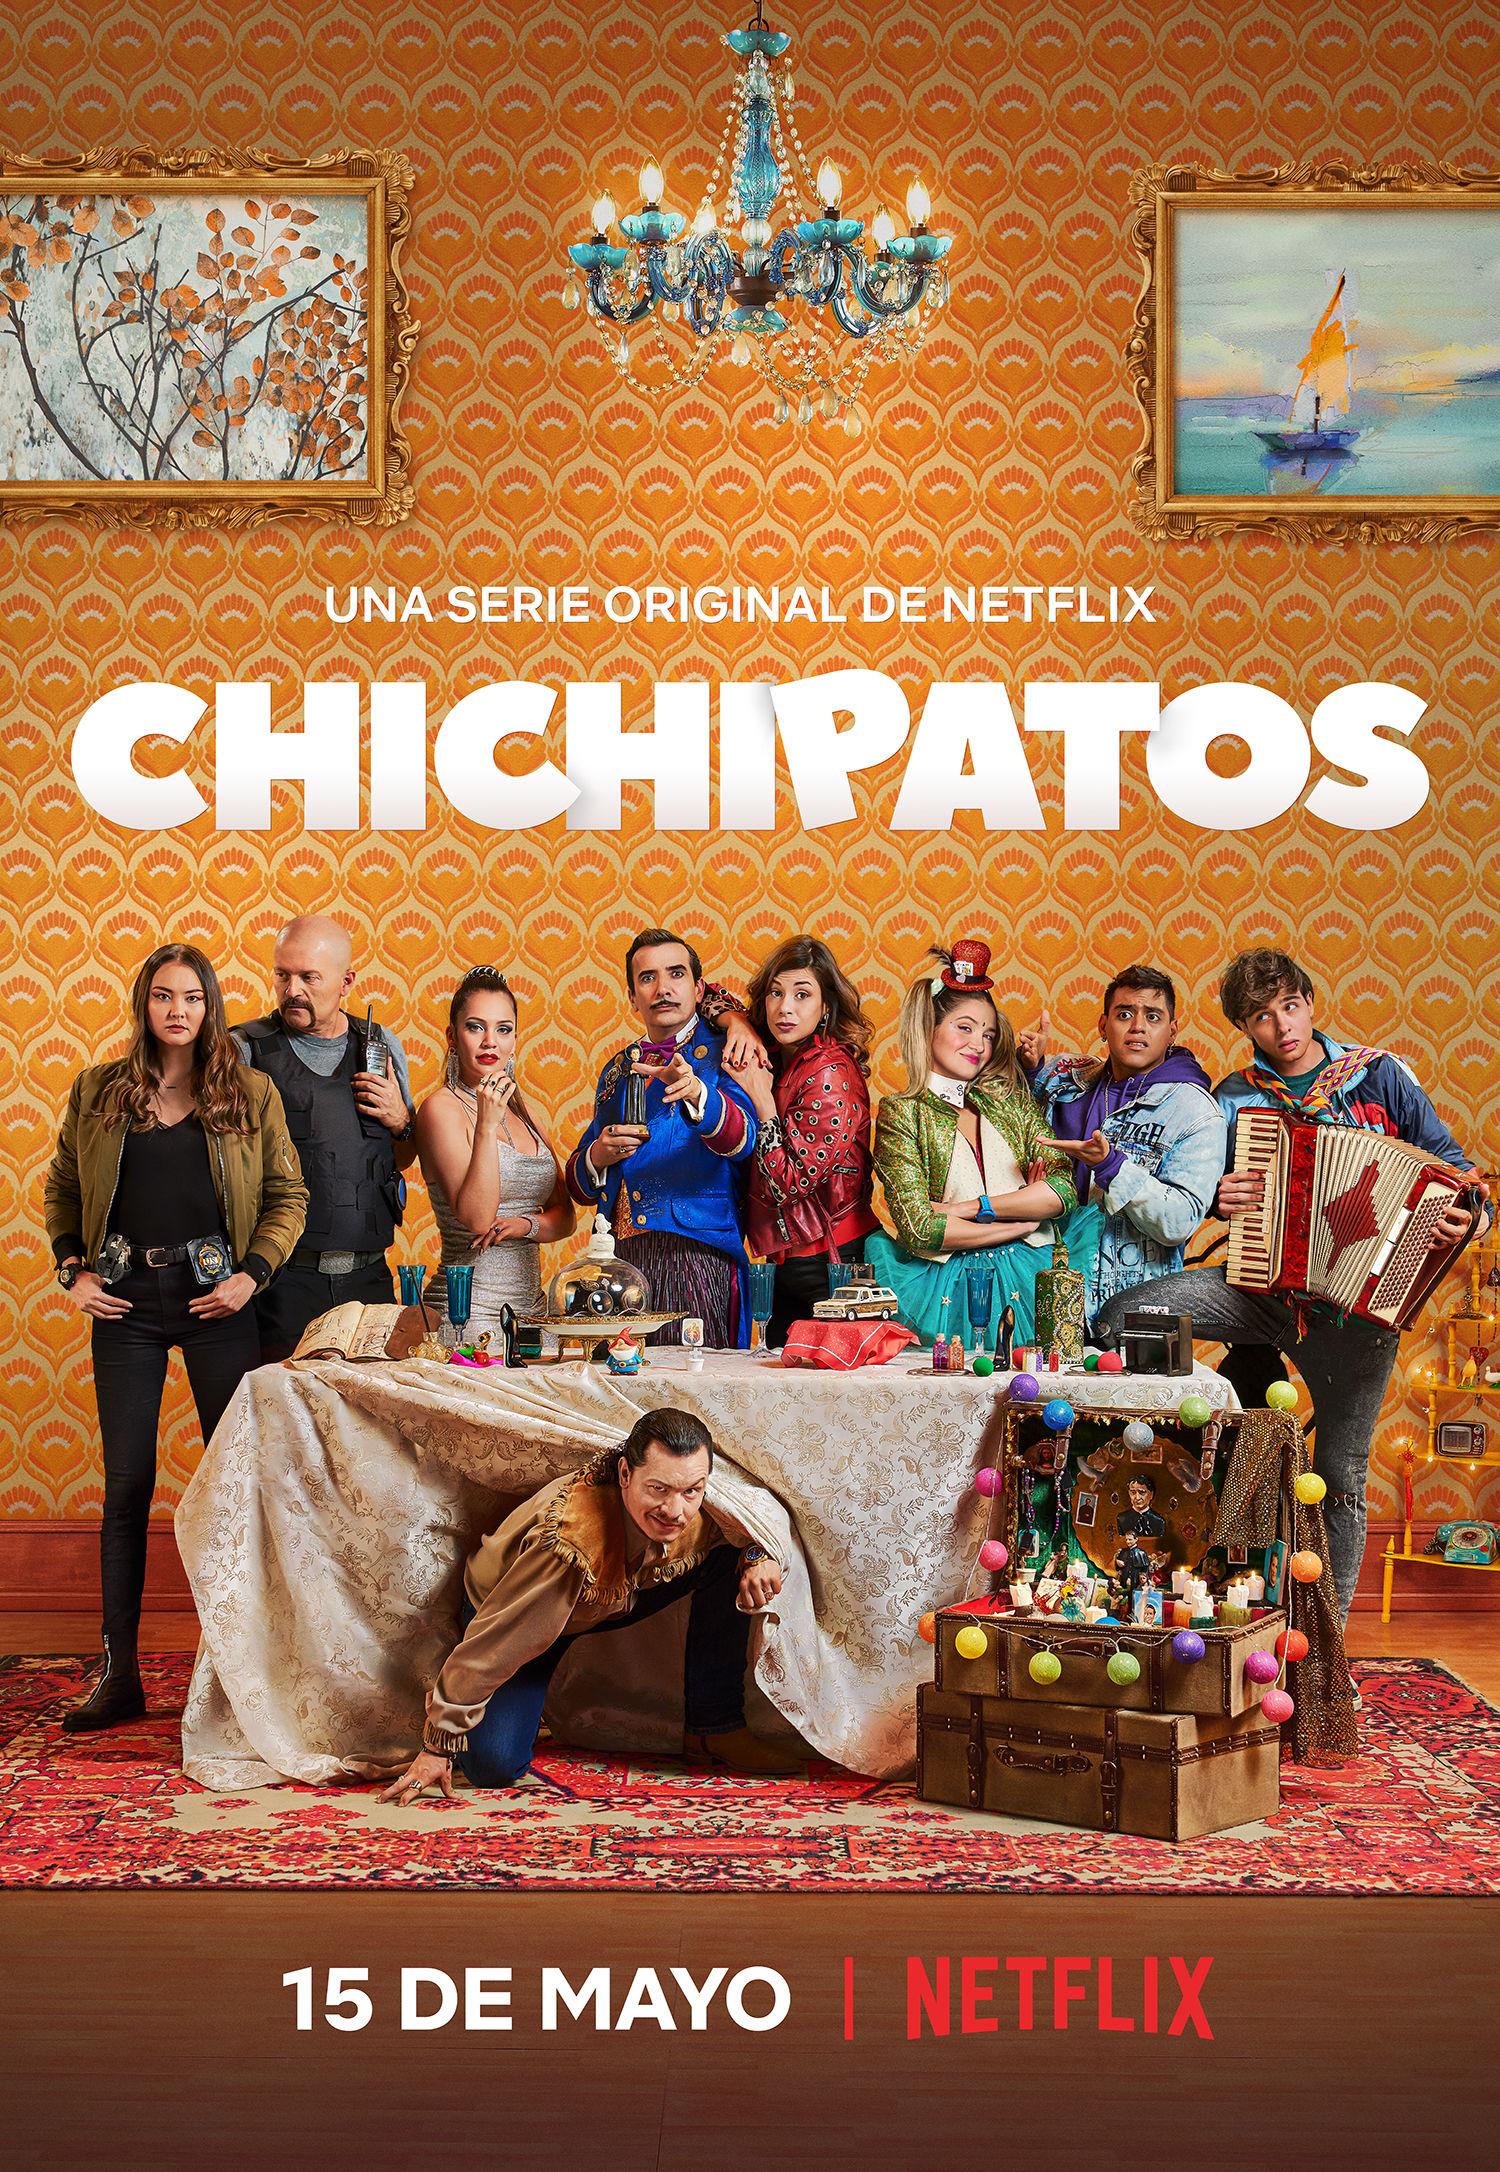 Chichipatos ne zaman